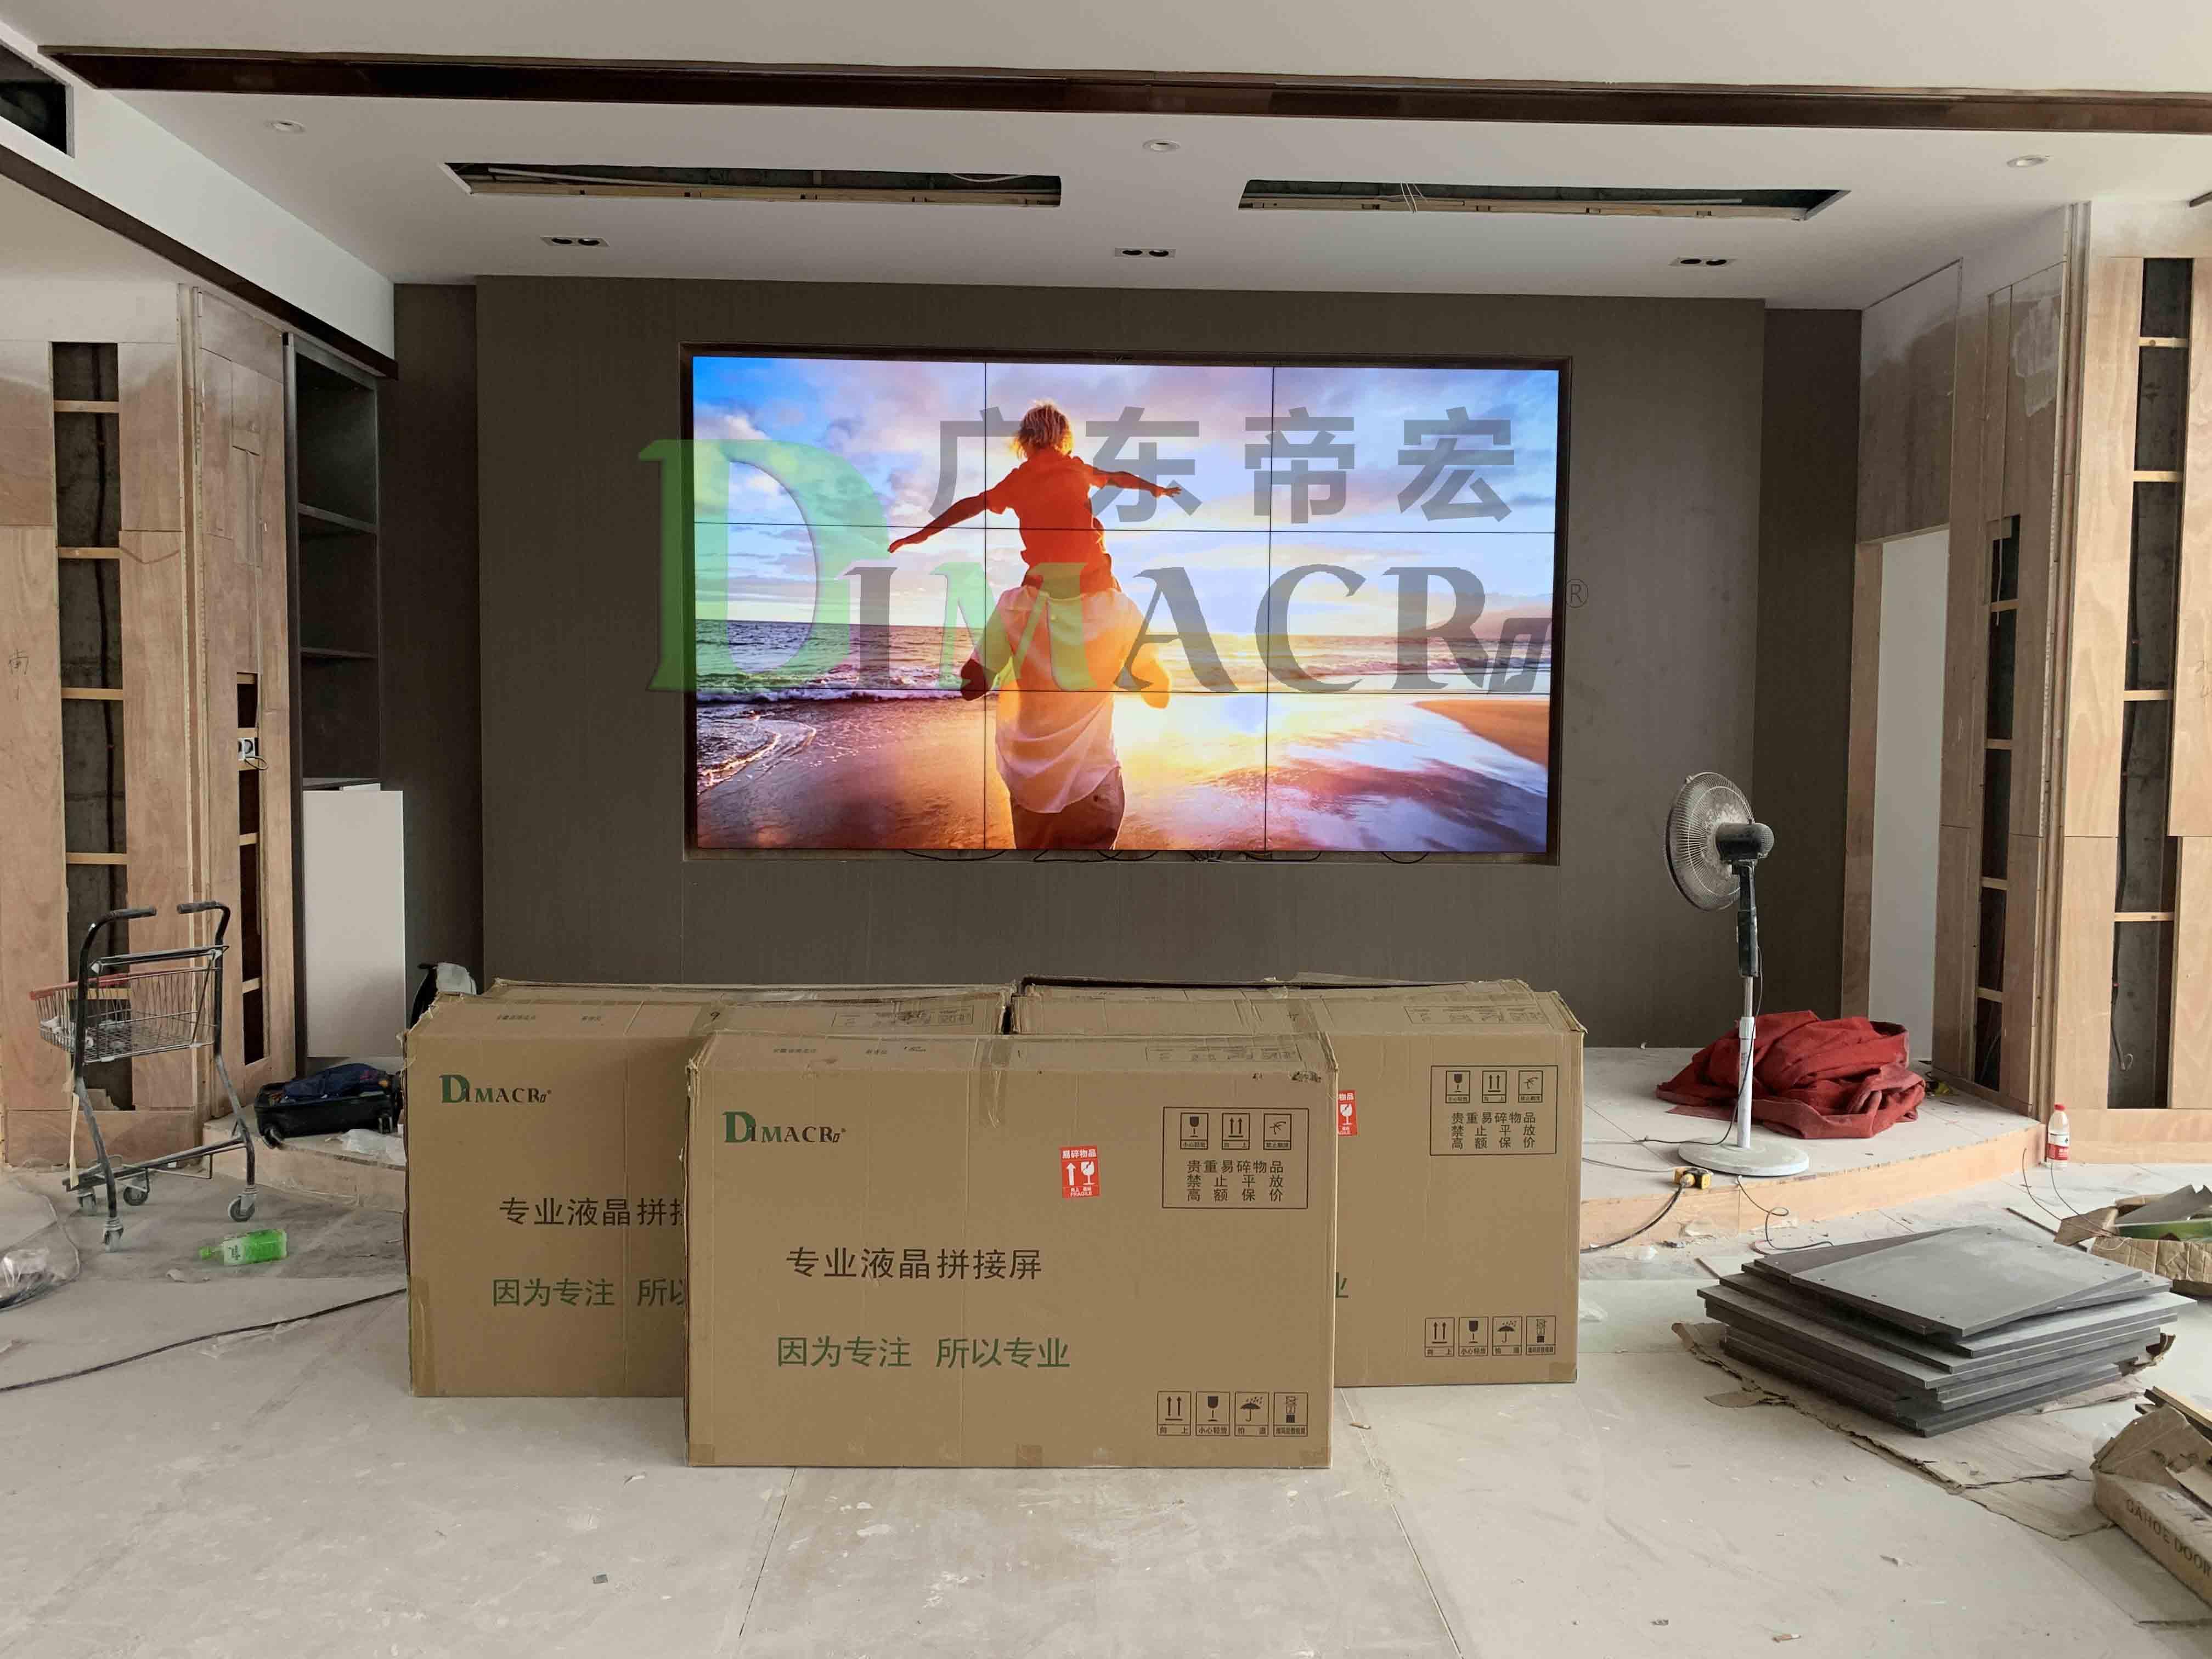 安徽淮北某养生堂项目三星55寸双边拼缝1.7mm3x3拼接安装完工